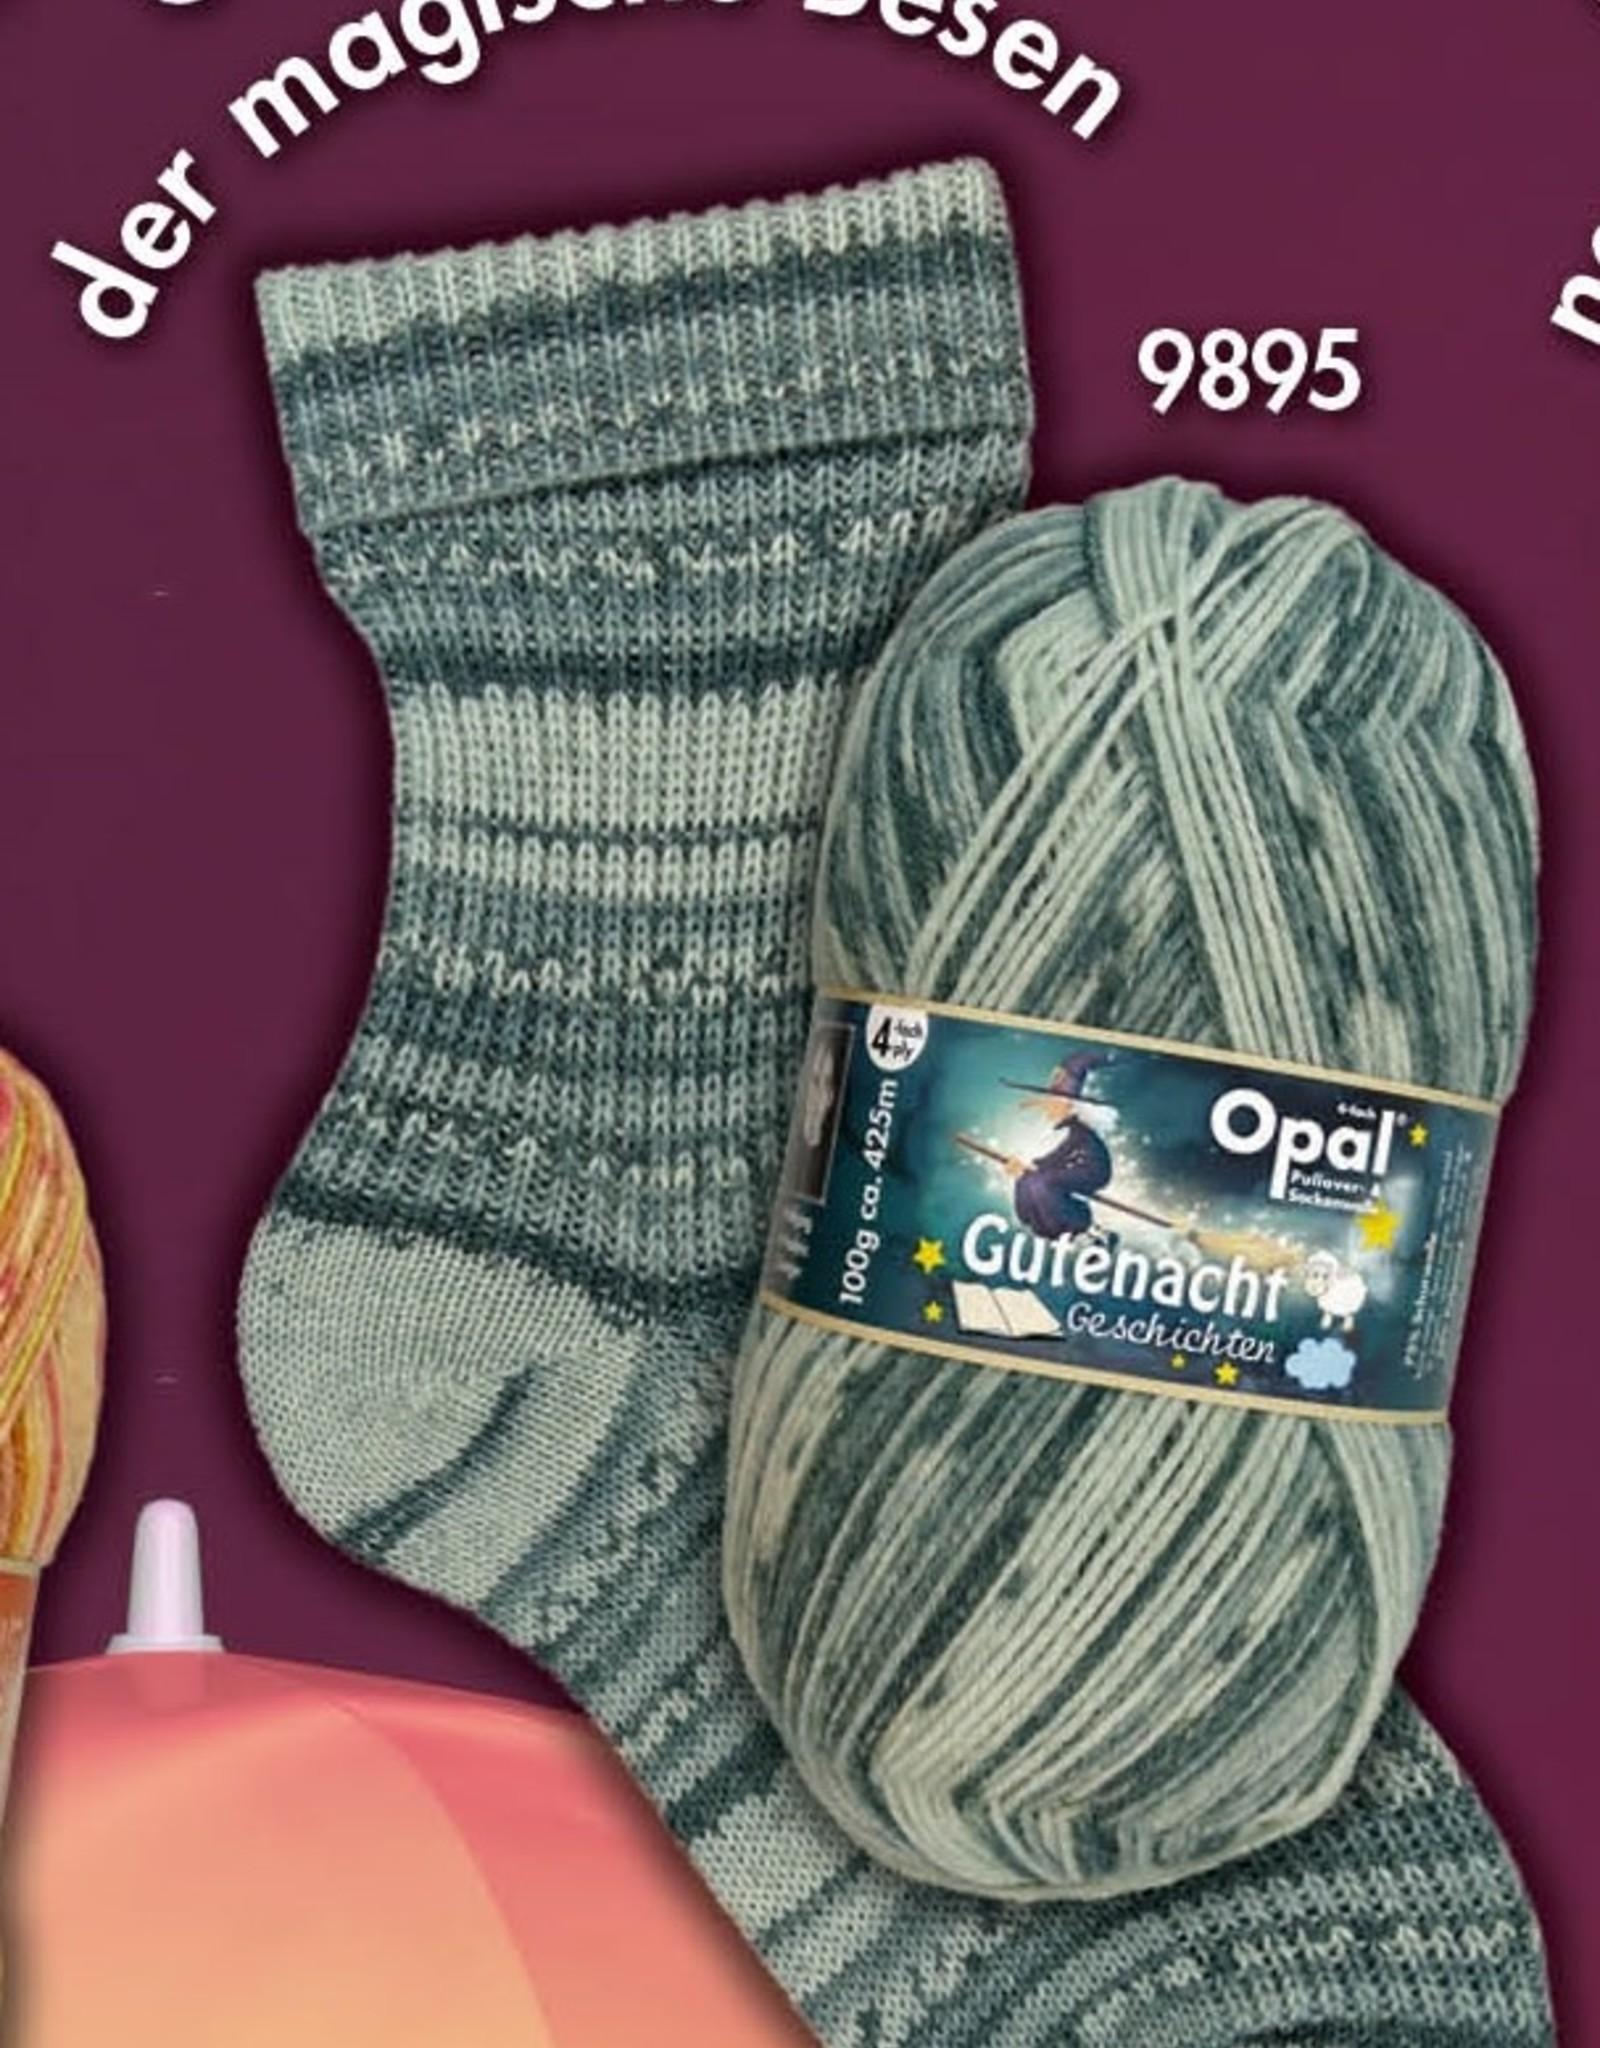 Opal - Gutenacht 9895